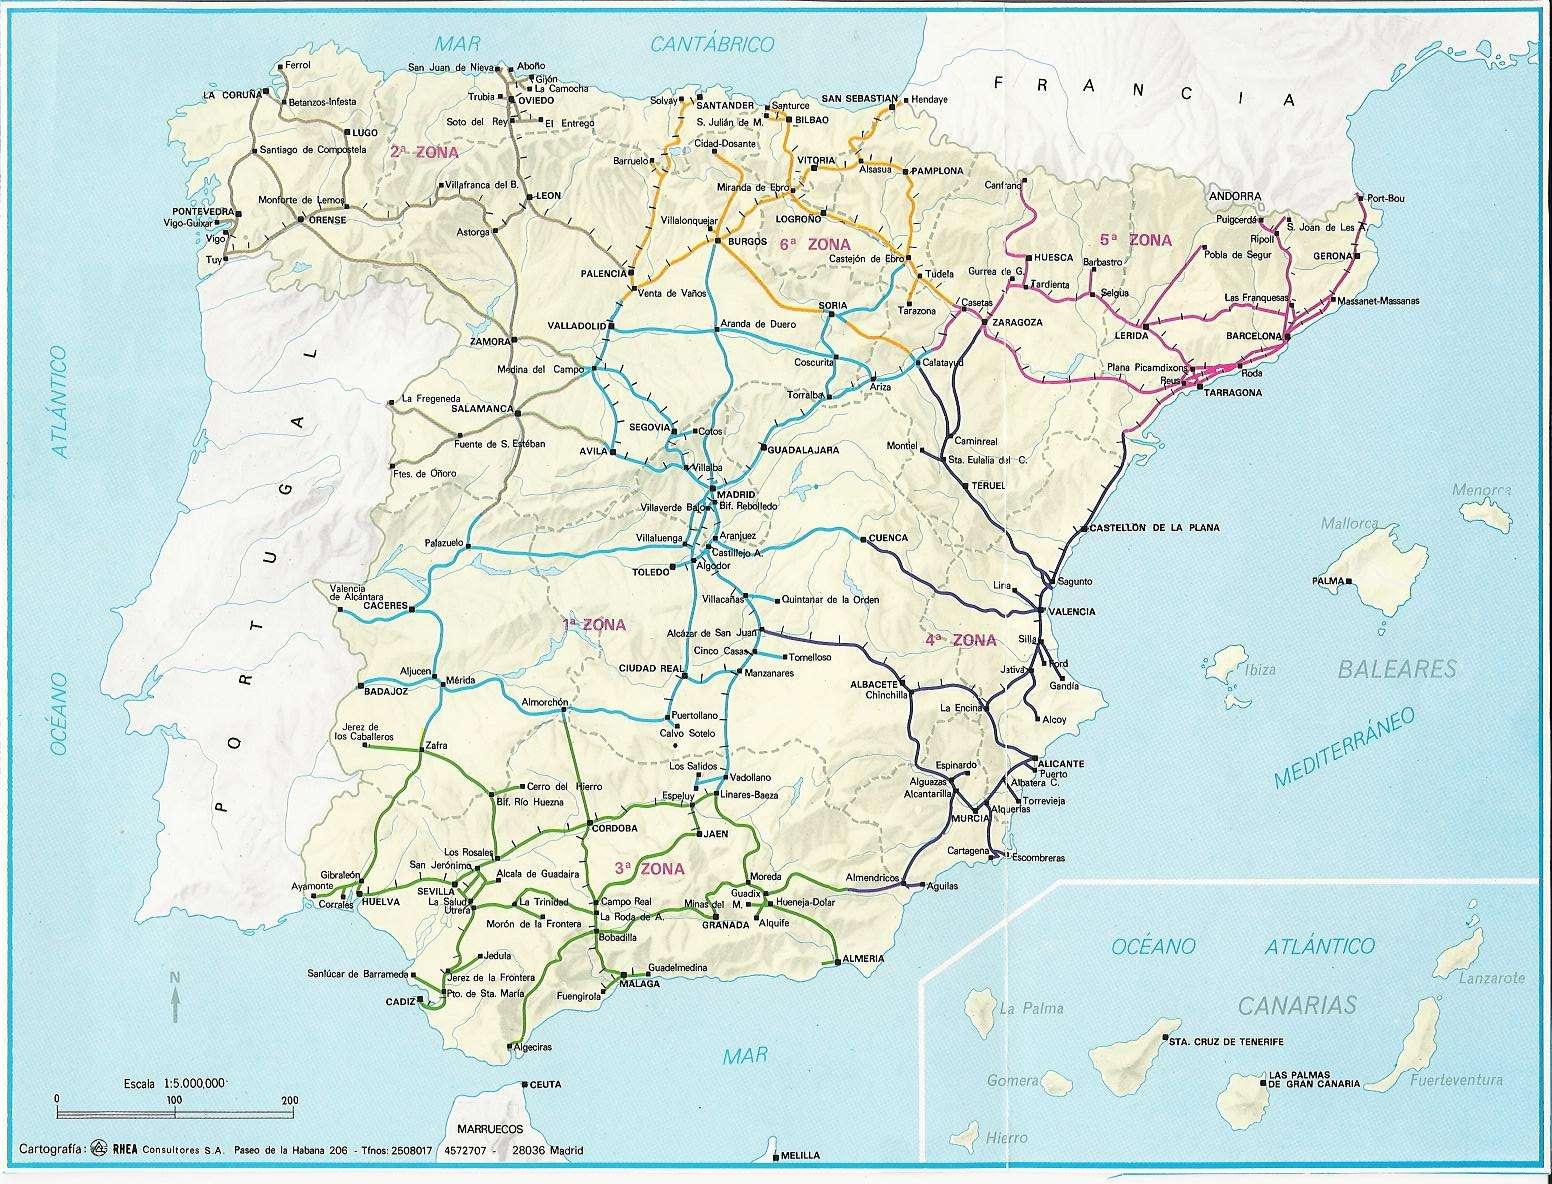 Mapa Ferroviario De España.Como Era La Red Ferroviaria Espanola En 1860 1880 1941